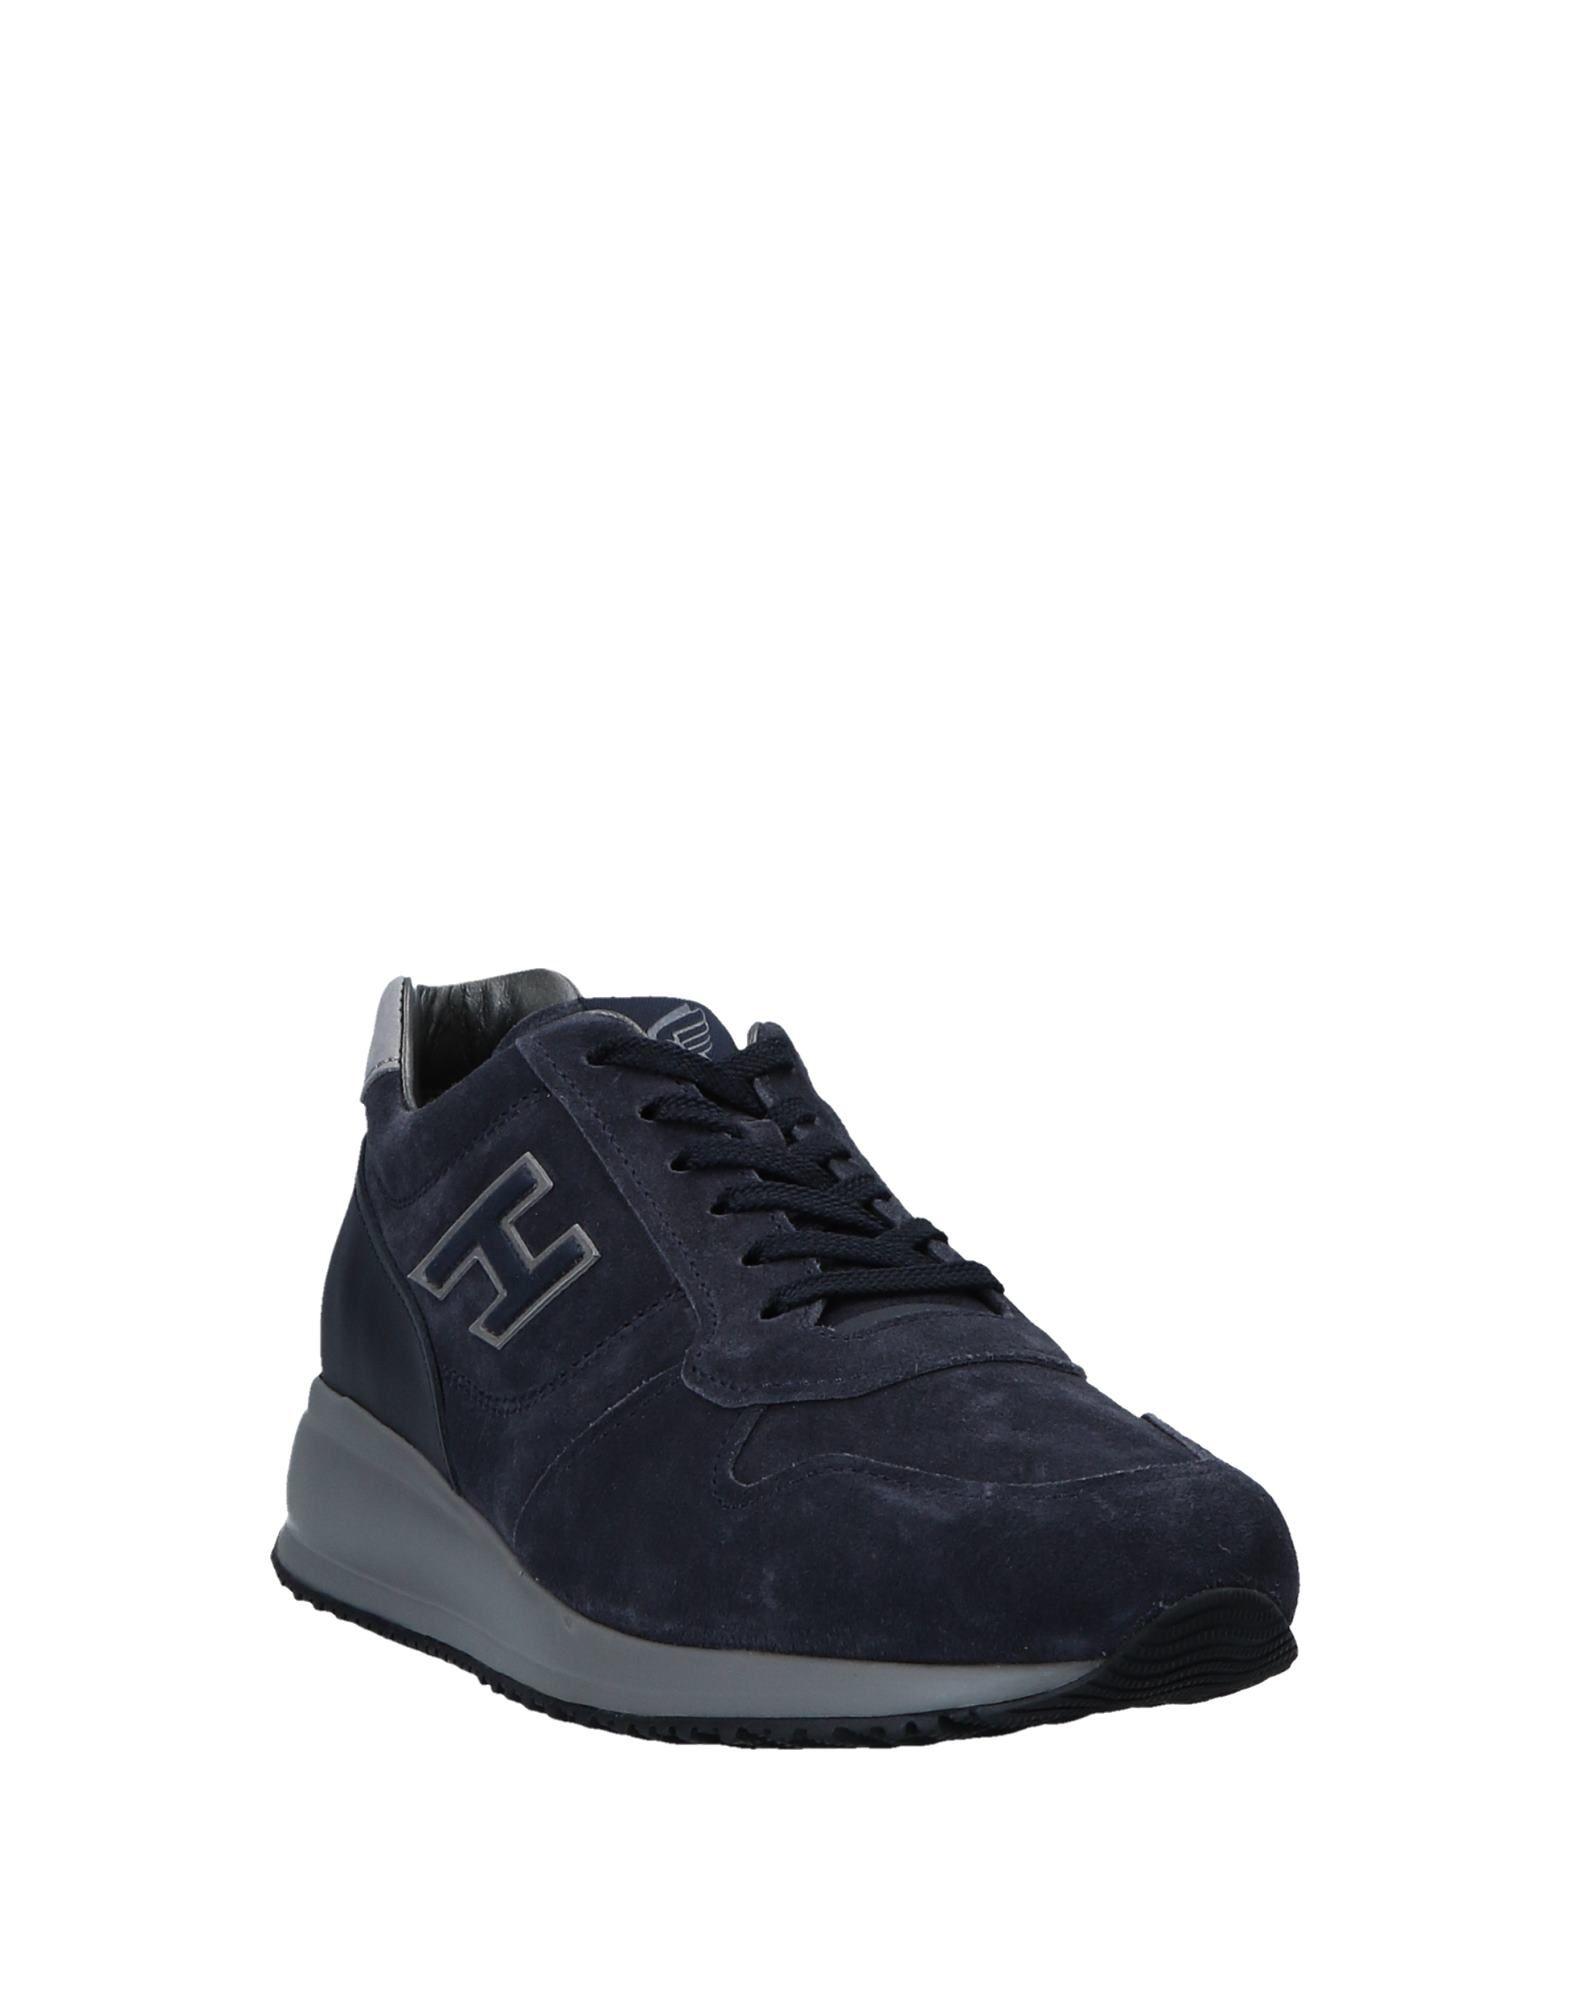 Hogan Sneakers Herren Herren Sneakers  11560418OA Gute Qualität beliebte Schuhe e50644